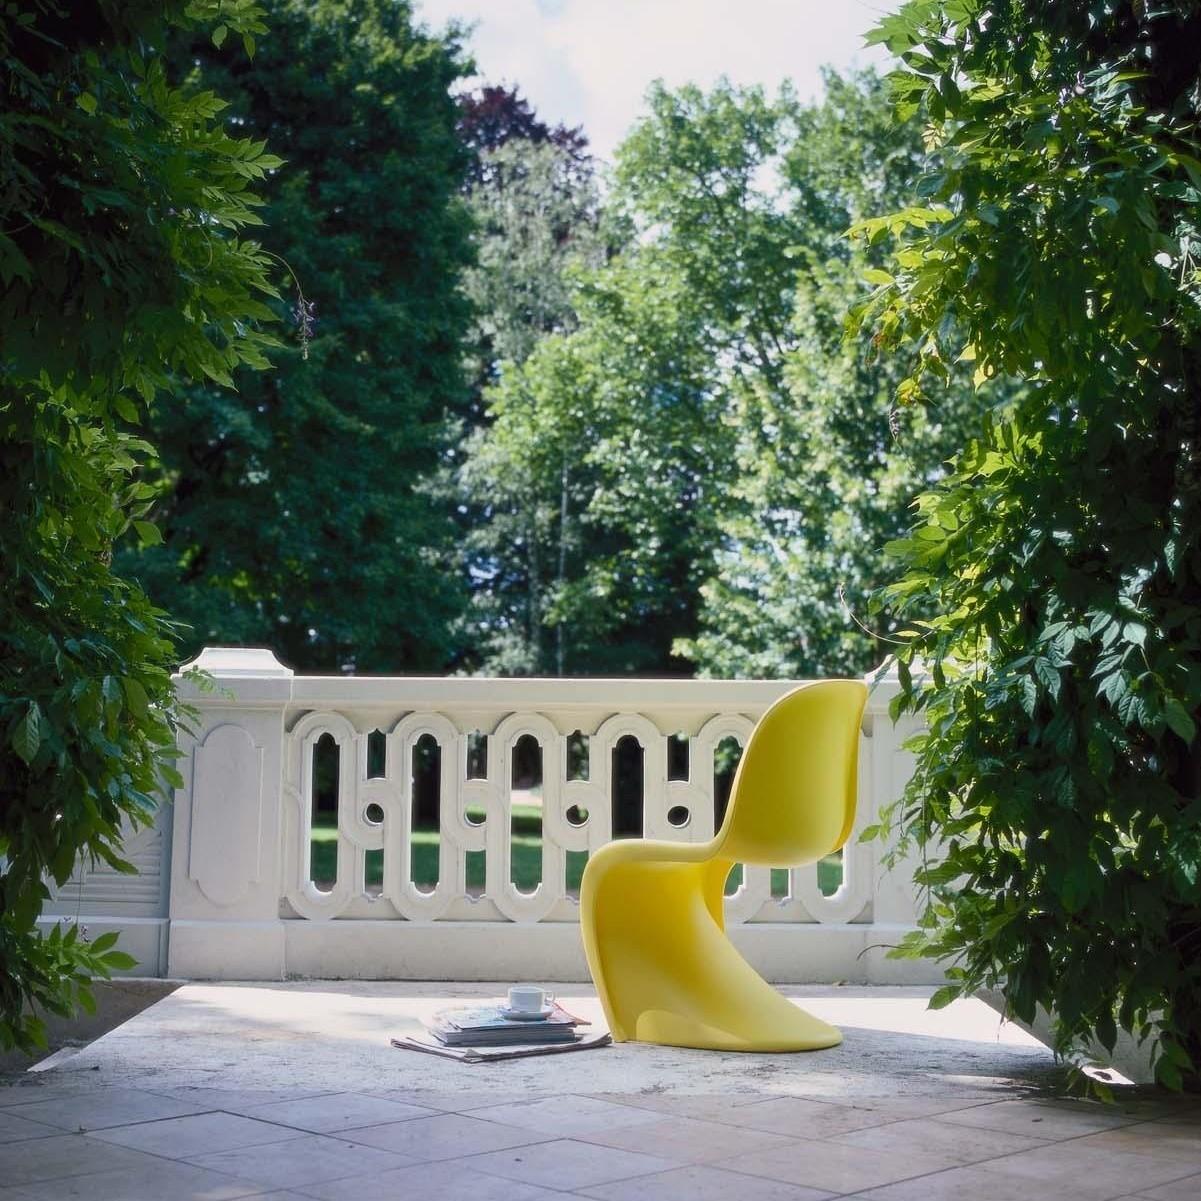 Vitra_Panton-Chair_1201x1201-ID122771-34a24d024faaab4c07165dda01603745.jpg